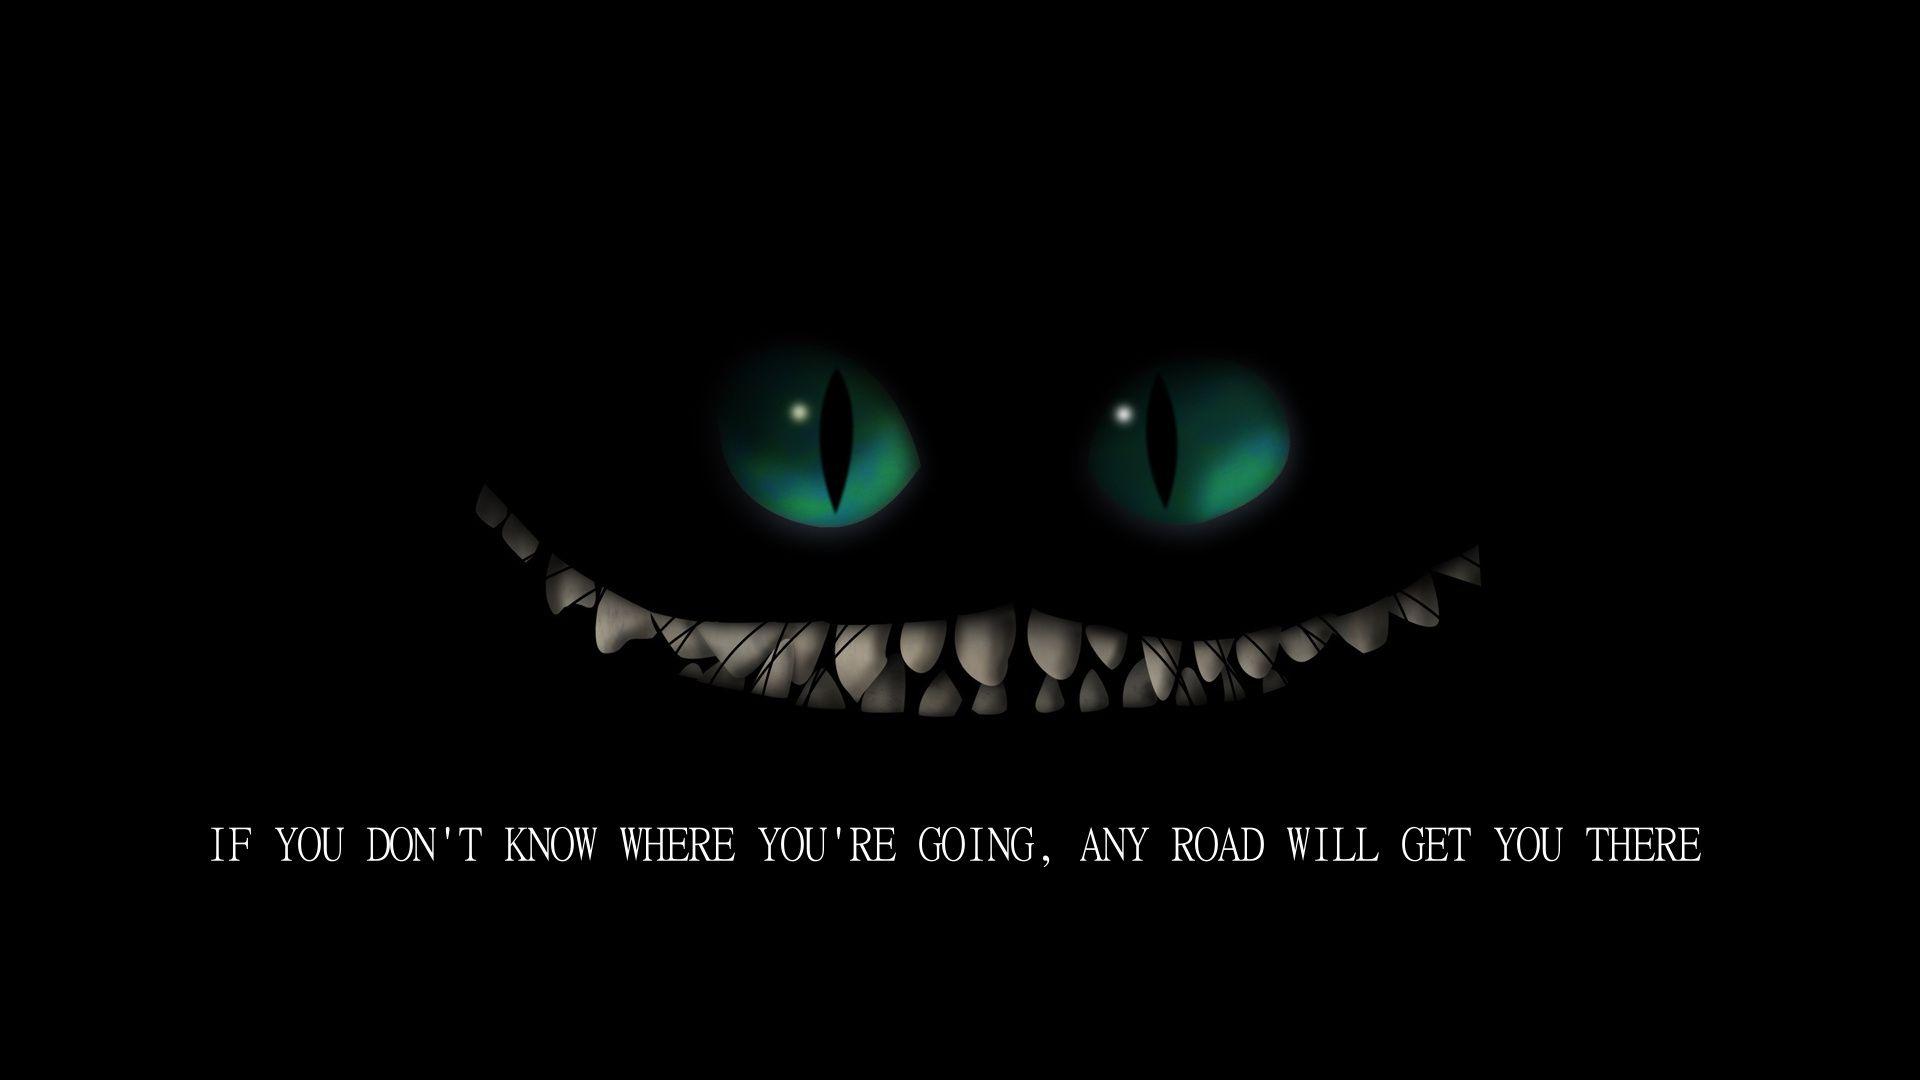 Save the world quotes quotesgram - Cheshire Cat Alice In Wonderland Quotes Quotesgram